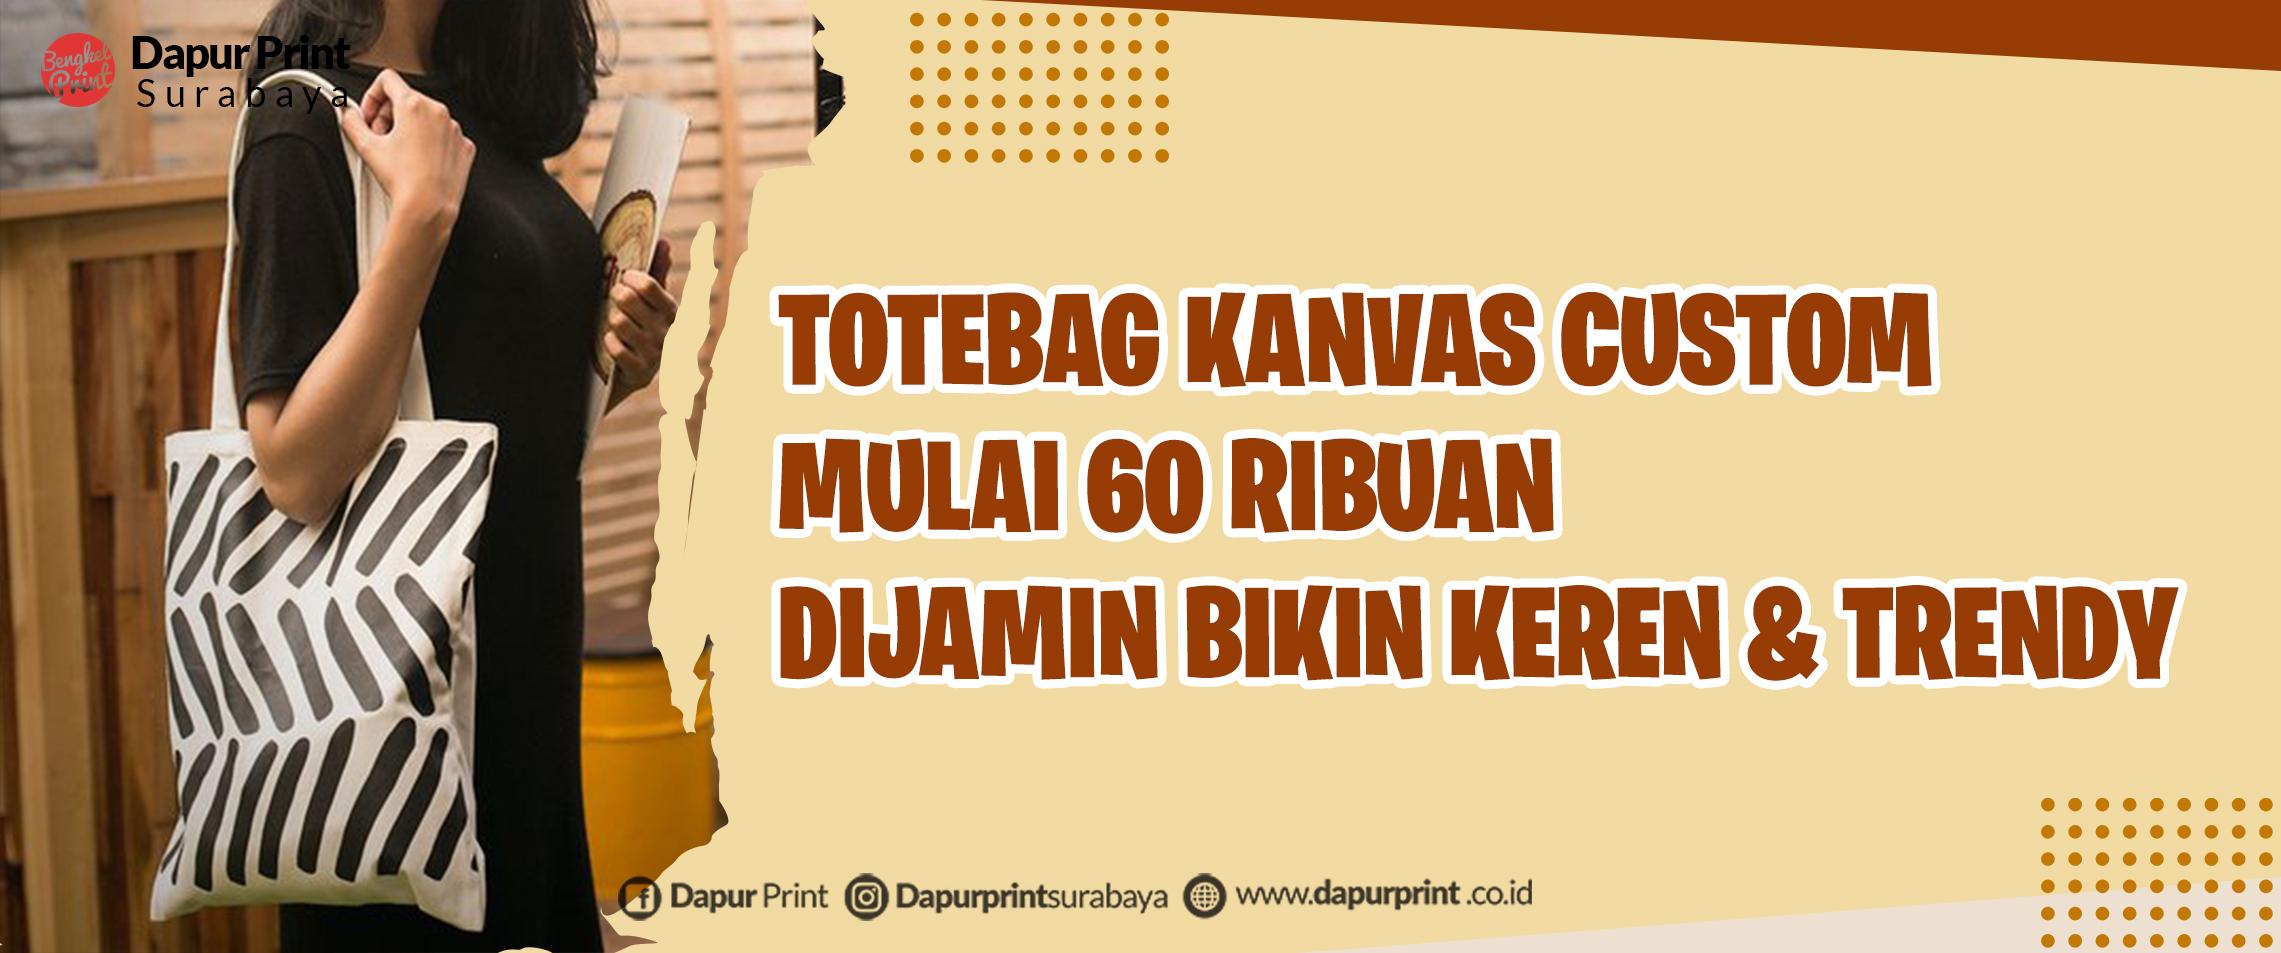 Cetak Totebag Custom Online Termurah Di 2021